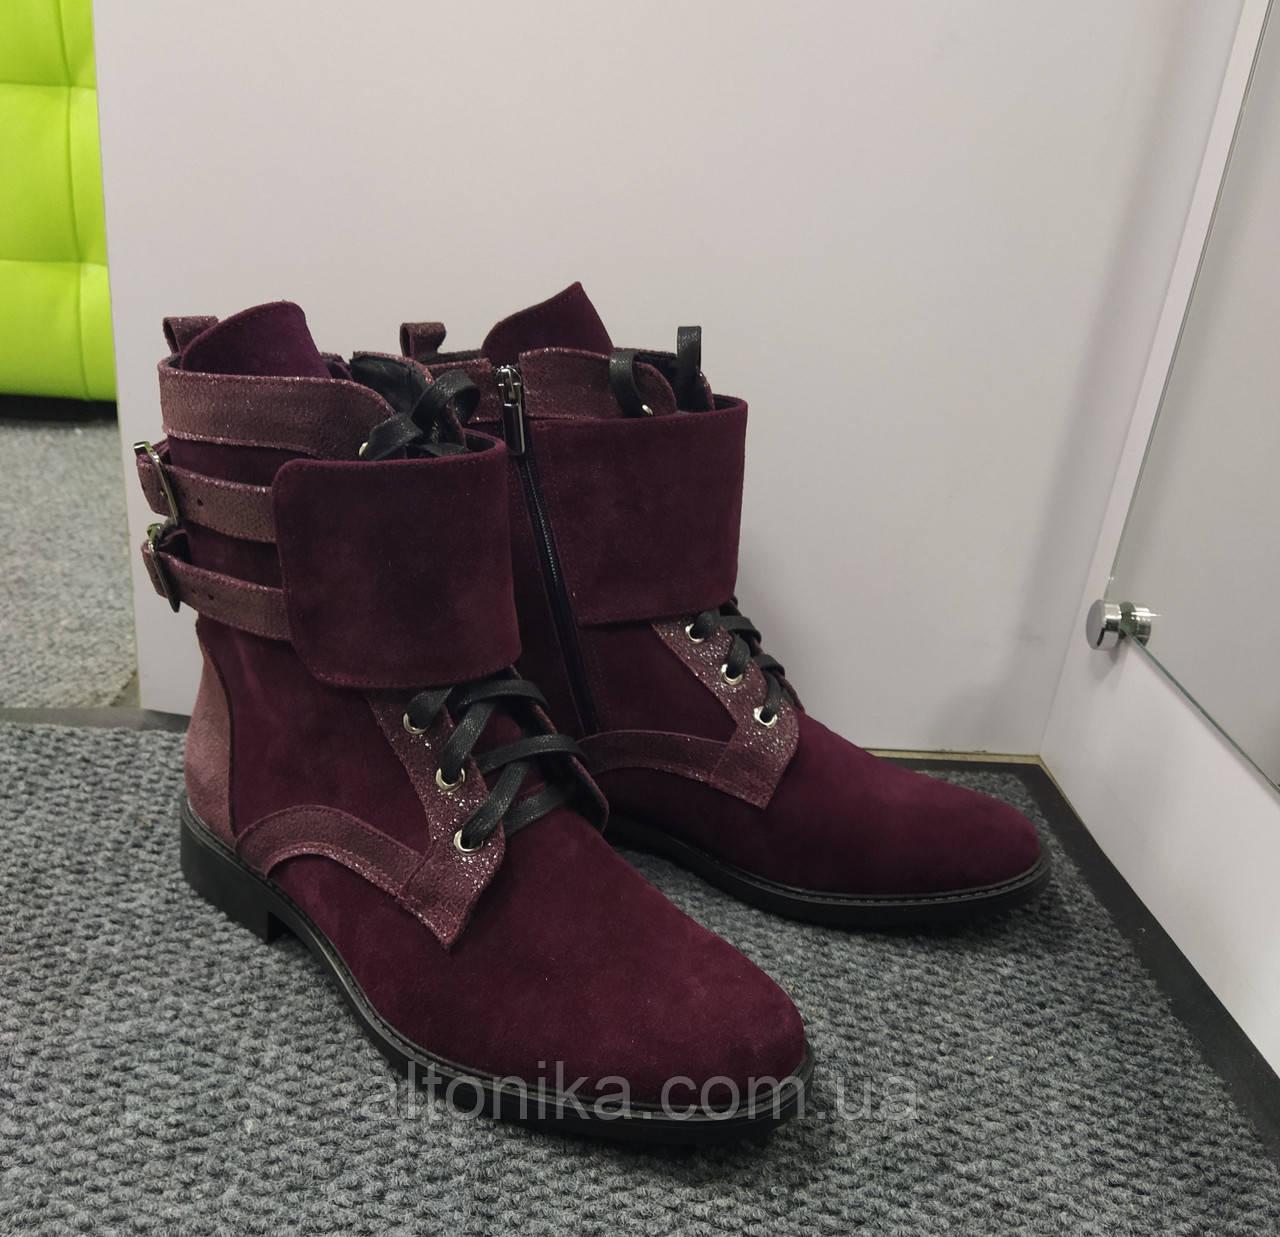 STTOPA деми зима. Размеры 42-44. Ботинки кожаные больших размеров! С9-61-4244-29-3644 Бордовые